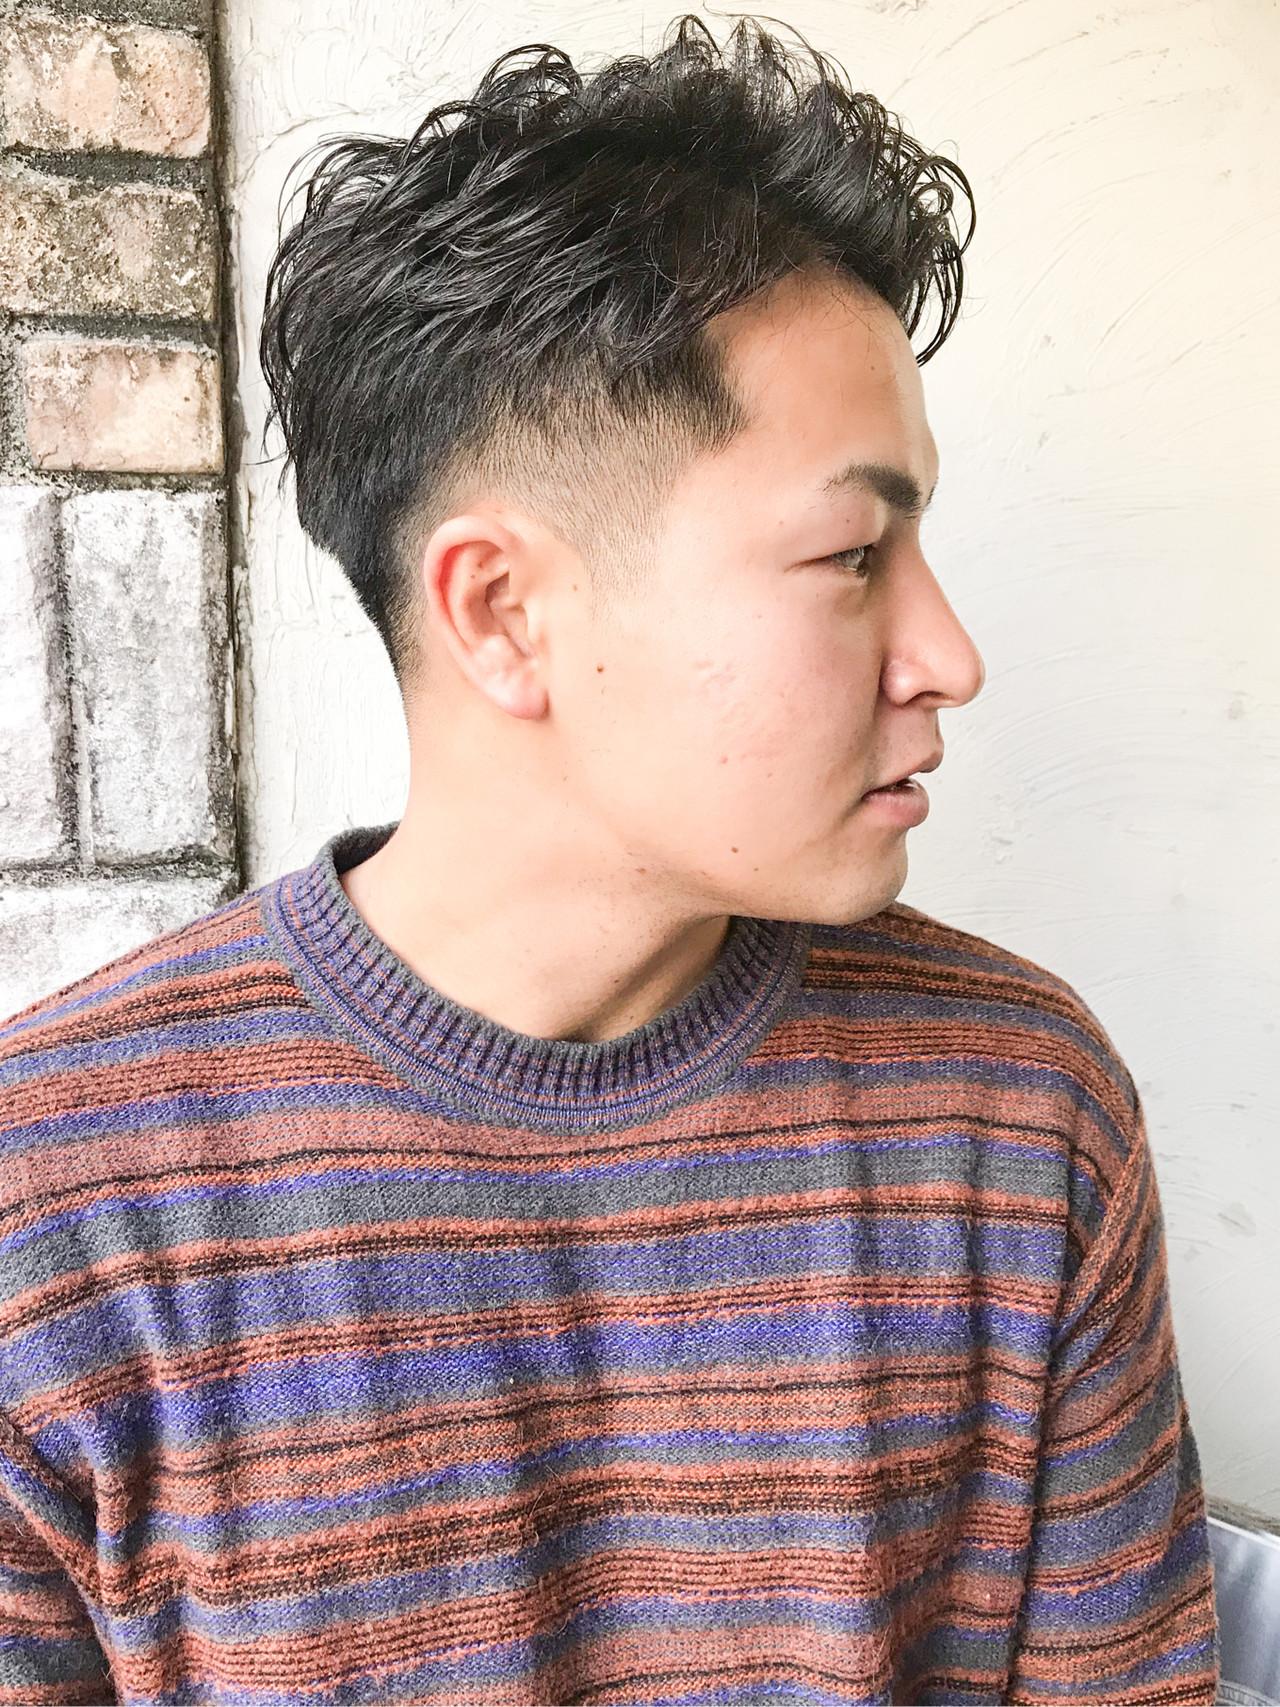 メンズカット 刈り上げショート フェードカット メンズ ヘアスタイルや髪型の写真・画像